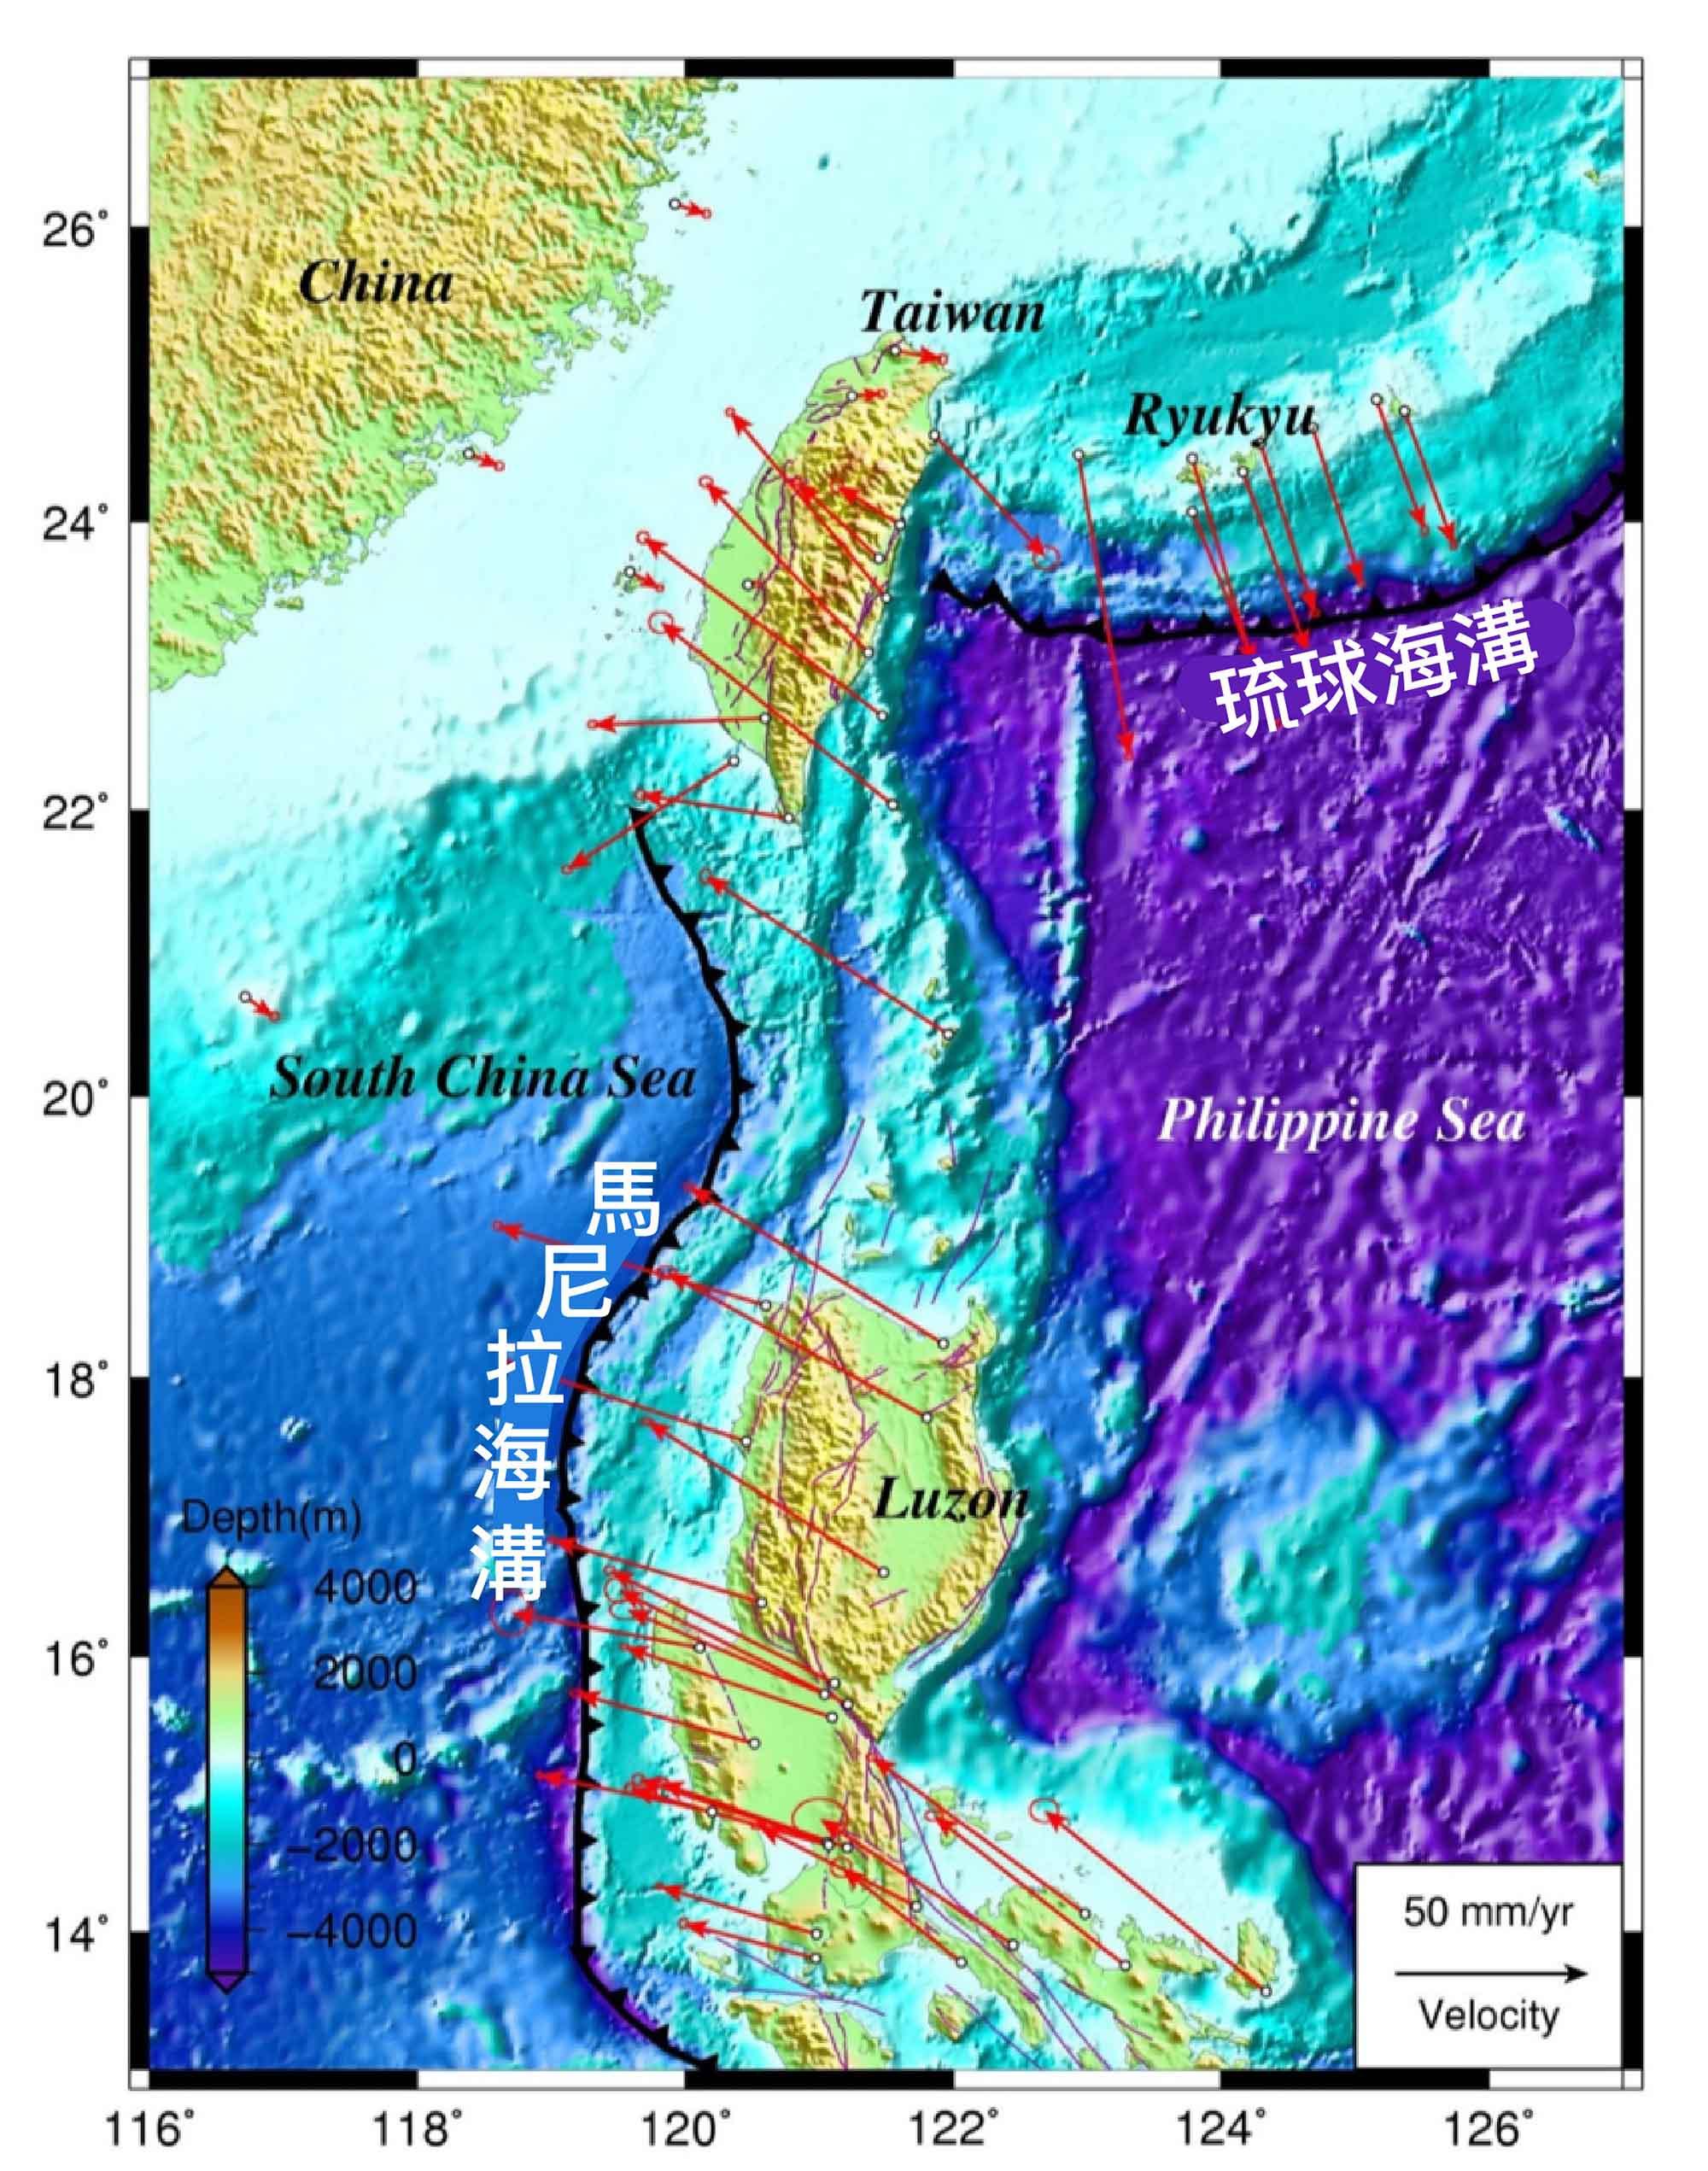 臺灣位處歐亞大陸板塊與菲律賓海板塊交界處,有可能發生隱沒帶大地震。周遭海域有二大主要海溝:琉球海溝、馬尼拉海溝。 圖片來源│許雅儒提供 圖說重製│張語辰